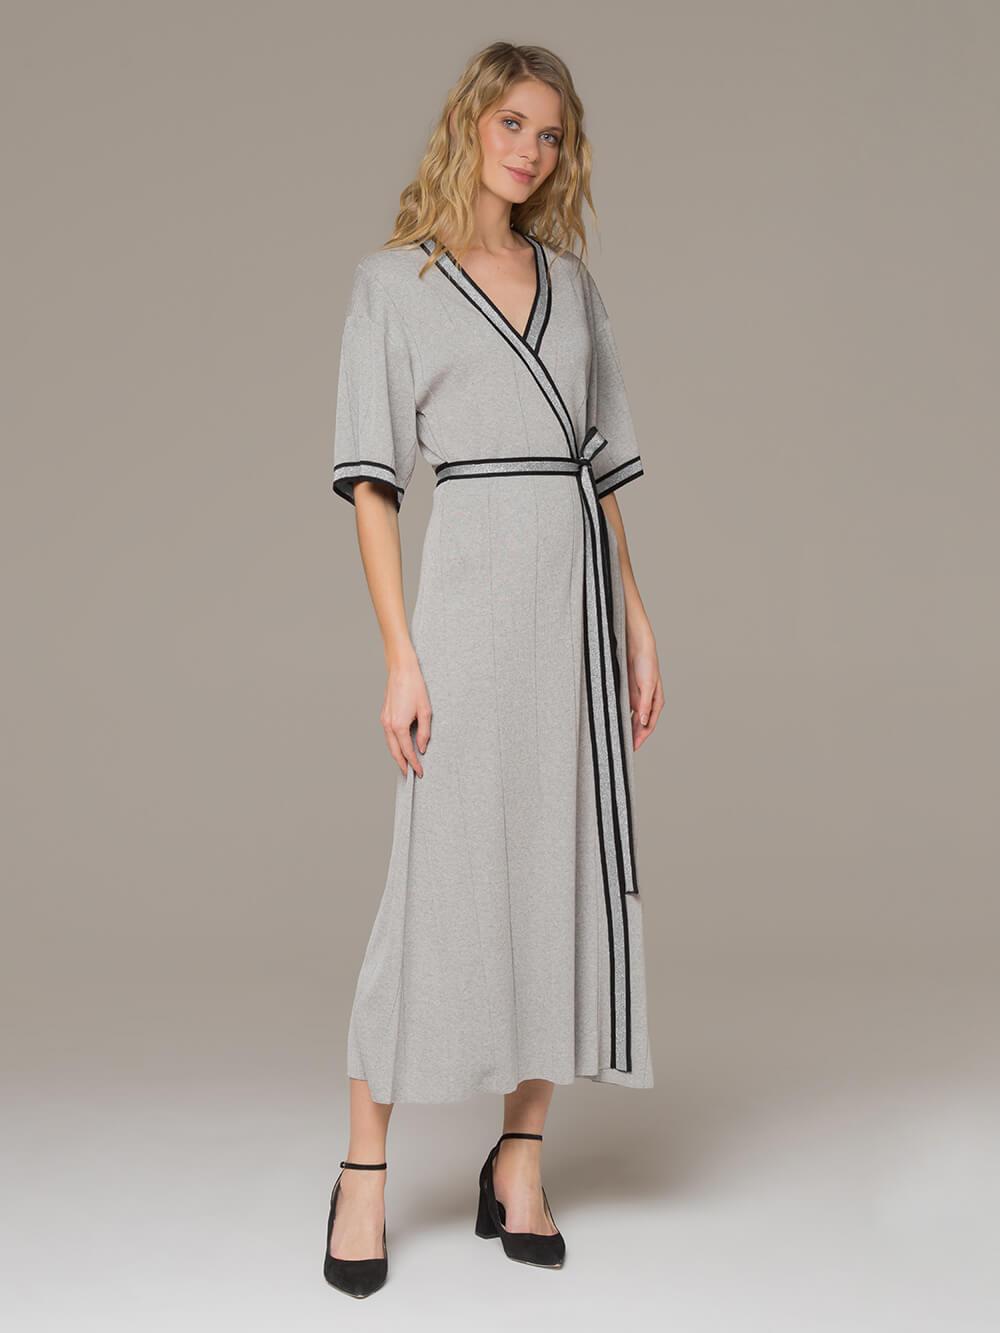 Женское платье серого цвета на запахе - фото 1